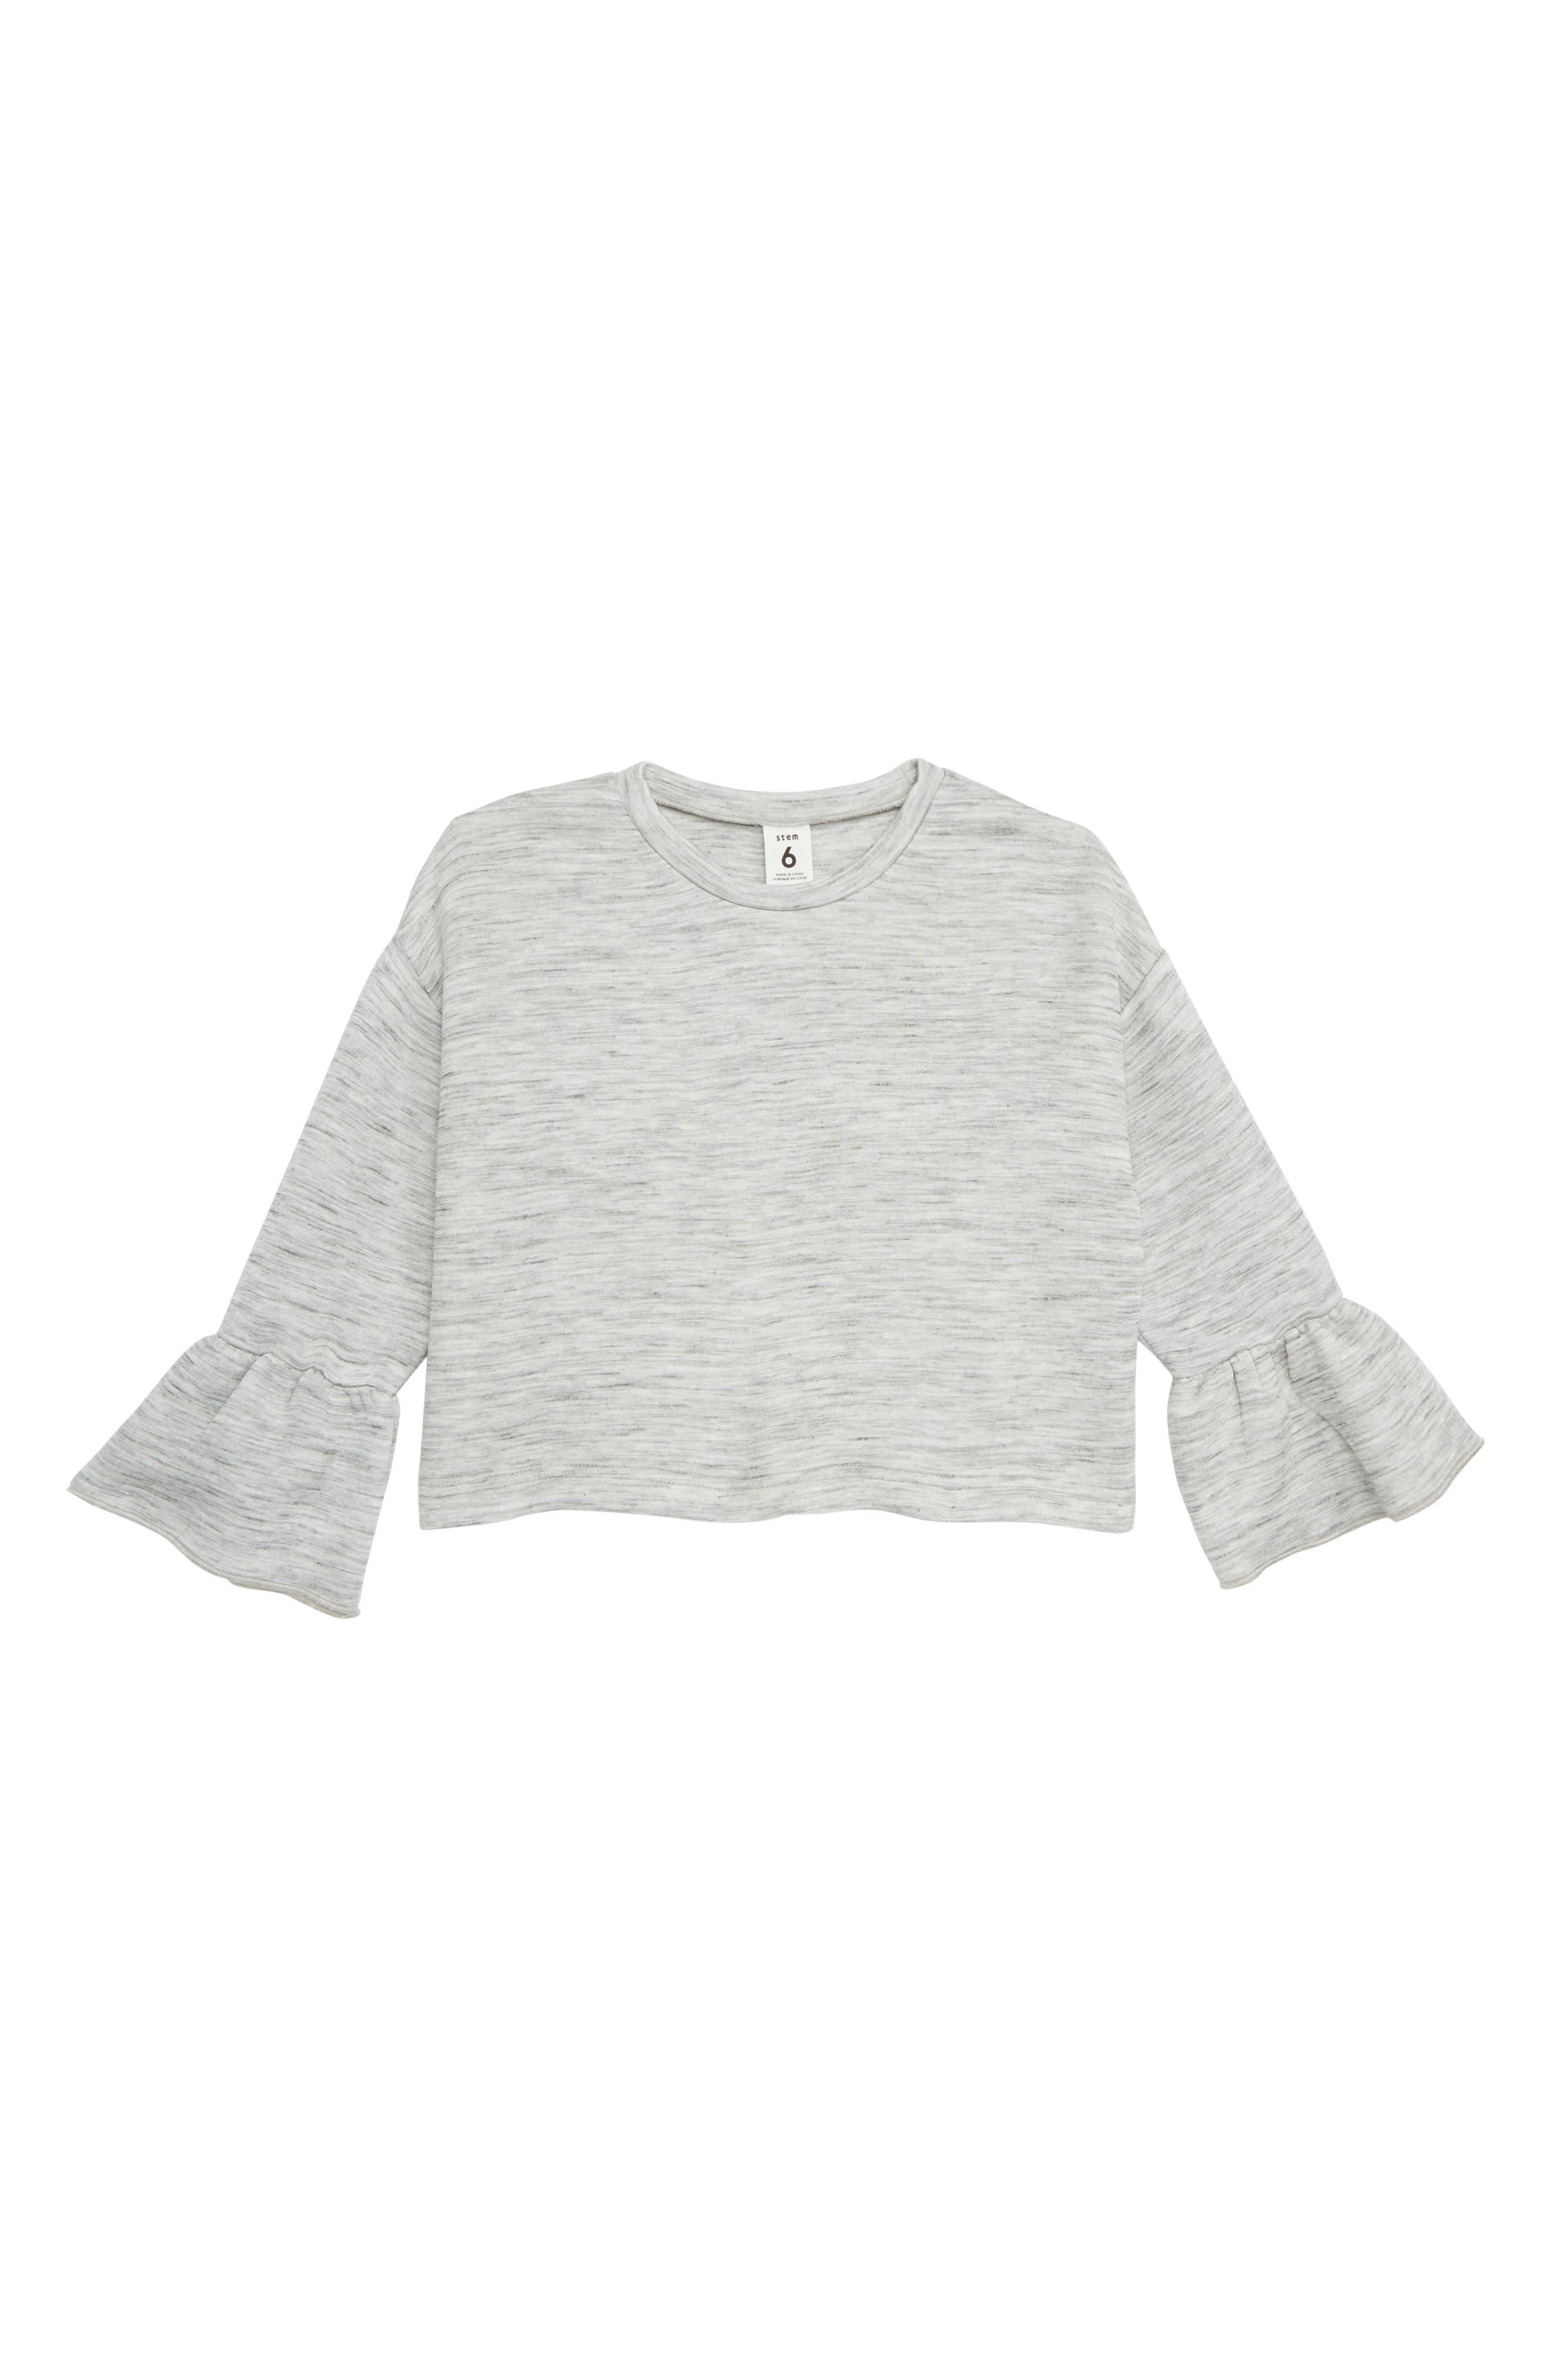 Ruffle Sleeve Sweatshirt,                         Main,                         color, 050